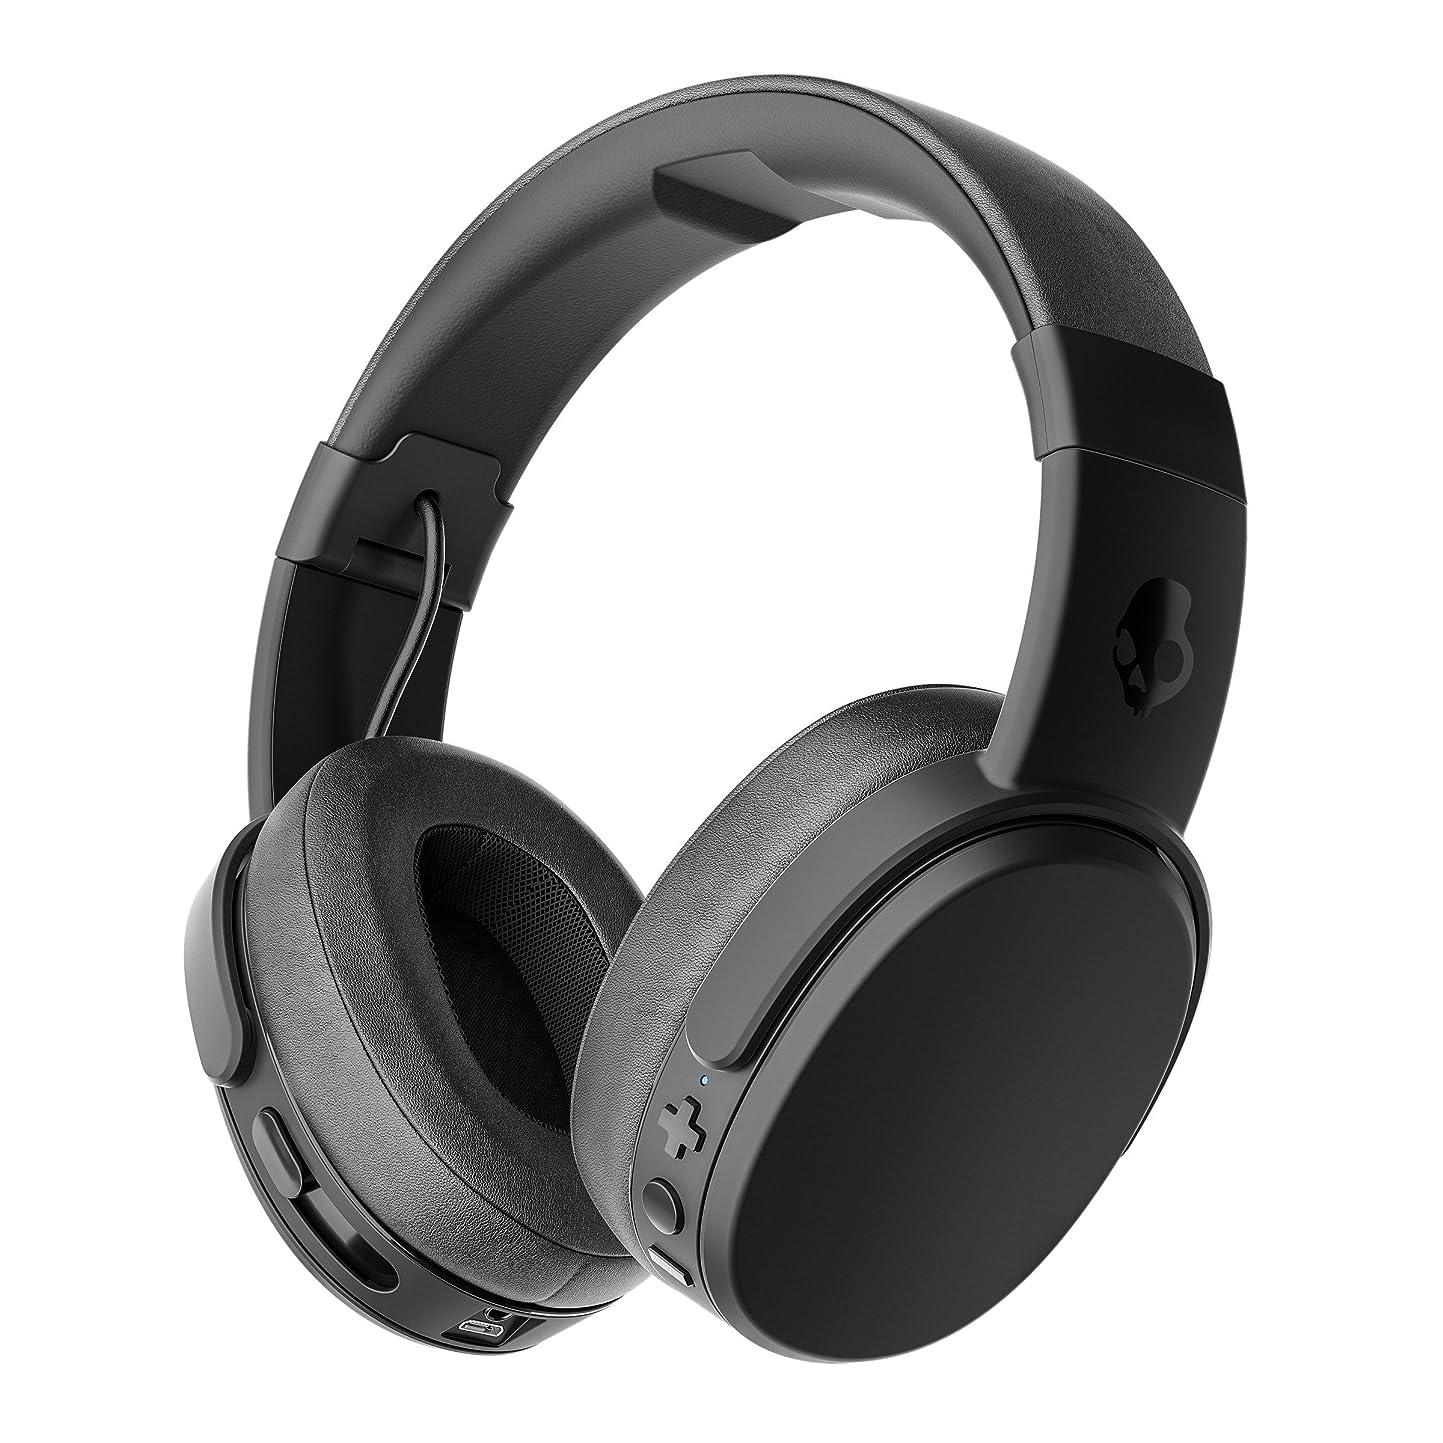 わかりやすいカルシウムシリアルSkullcandy Crusher Wireless ワイヤレスヘッドホン Bluetooth対応 BLACK A6CRW-K591(S6CRW-K591)【国内正規品】 オリジナルステッカー付